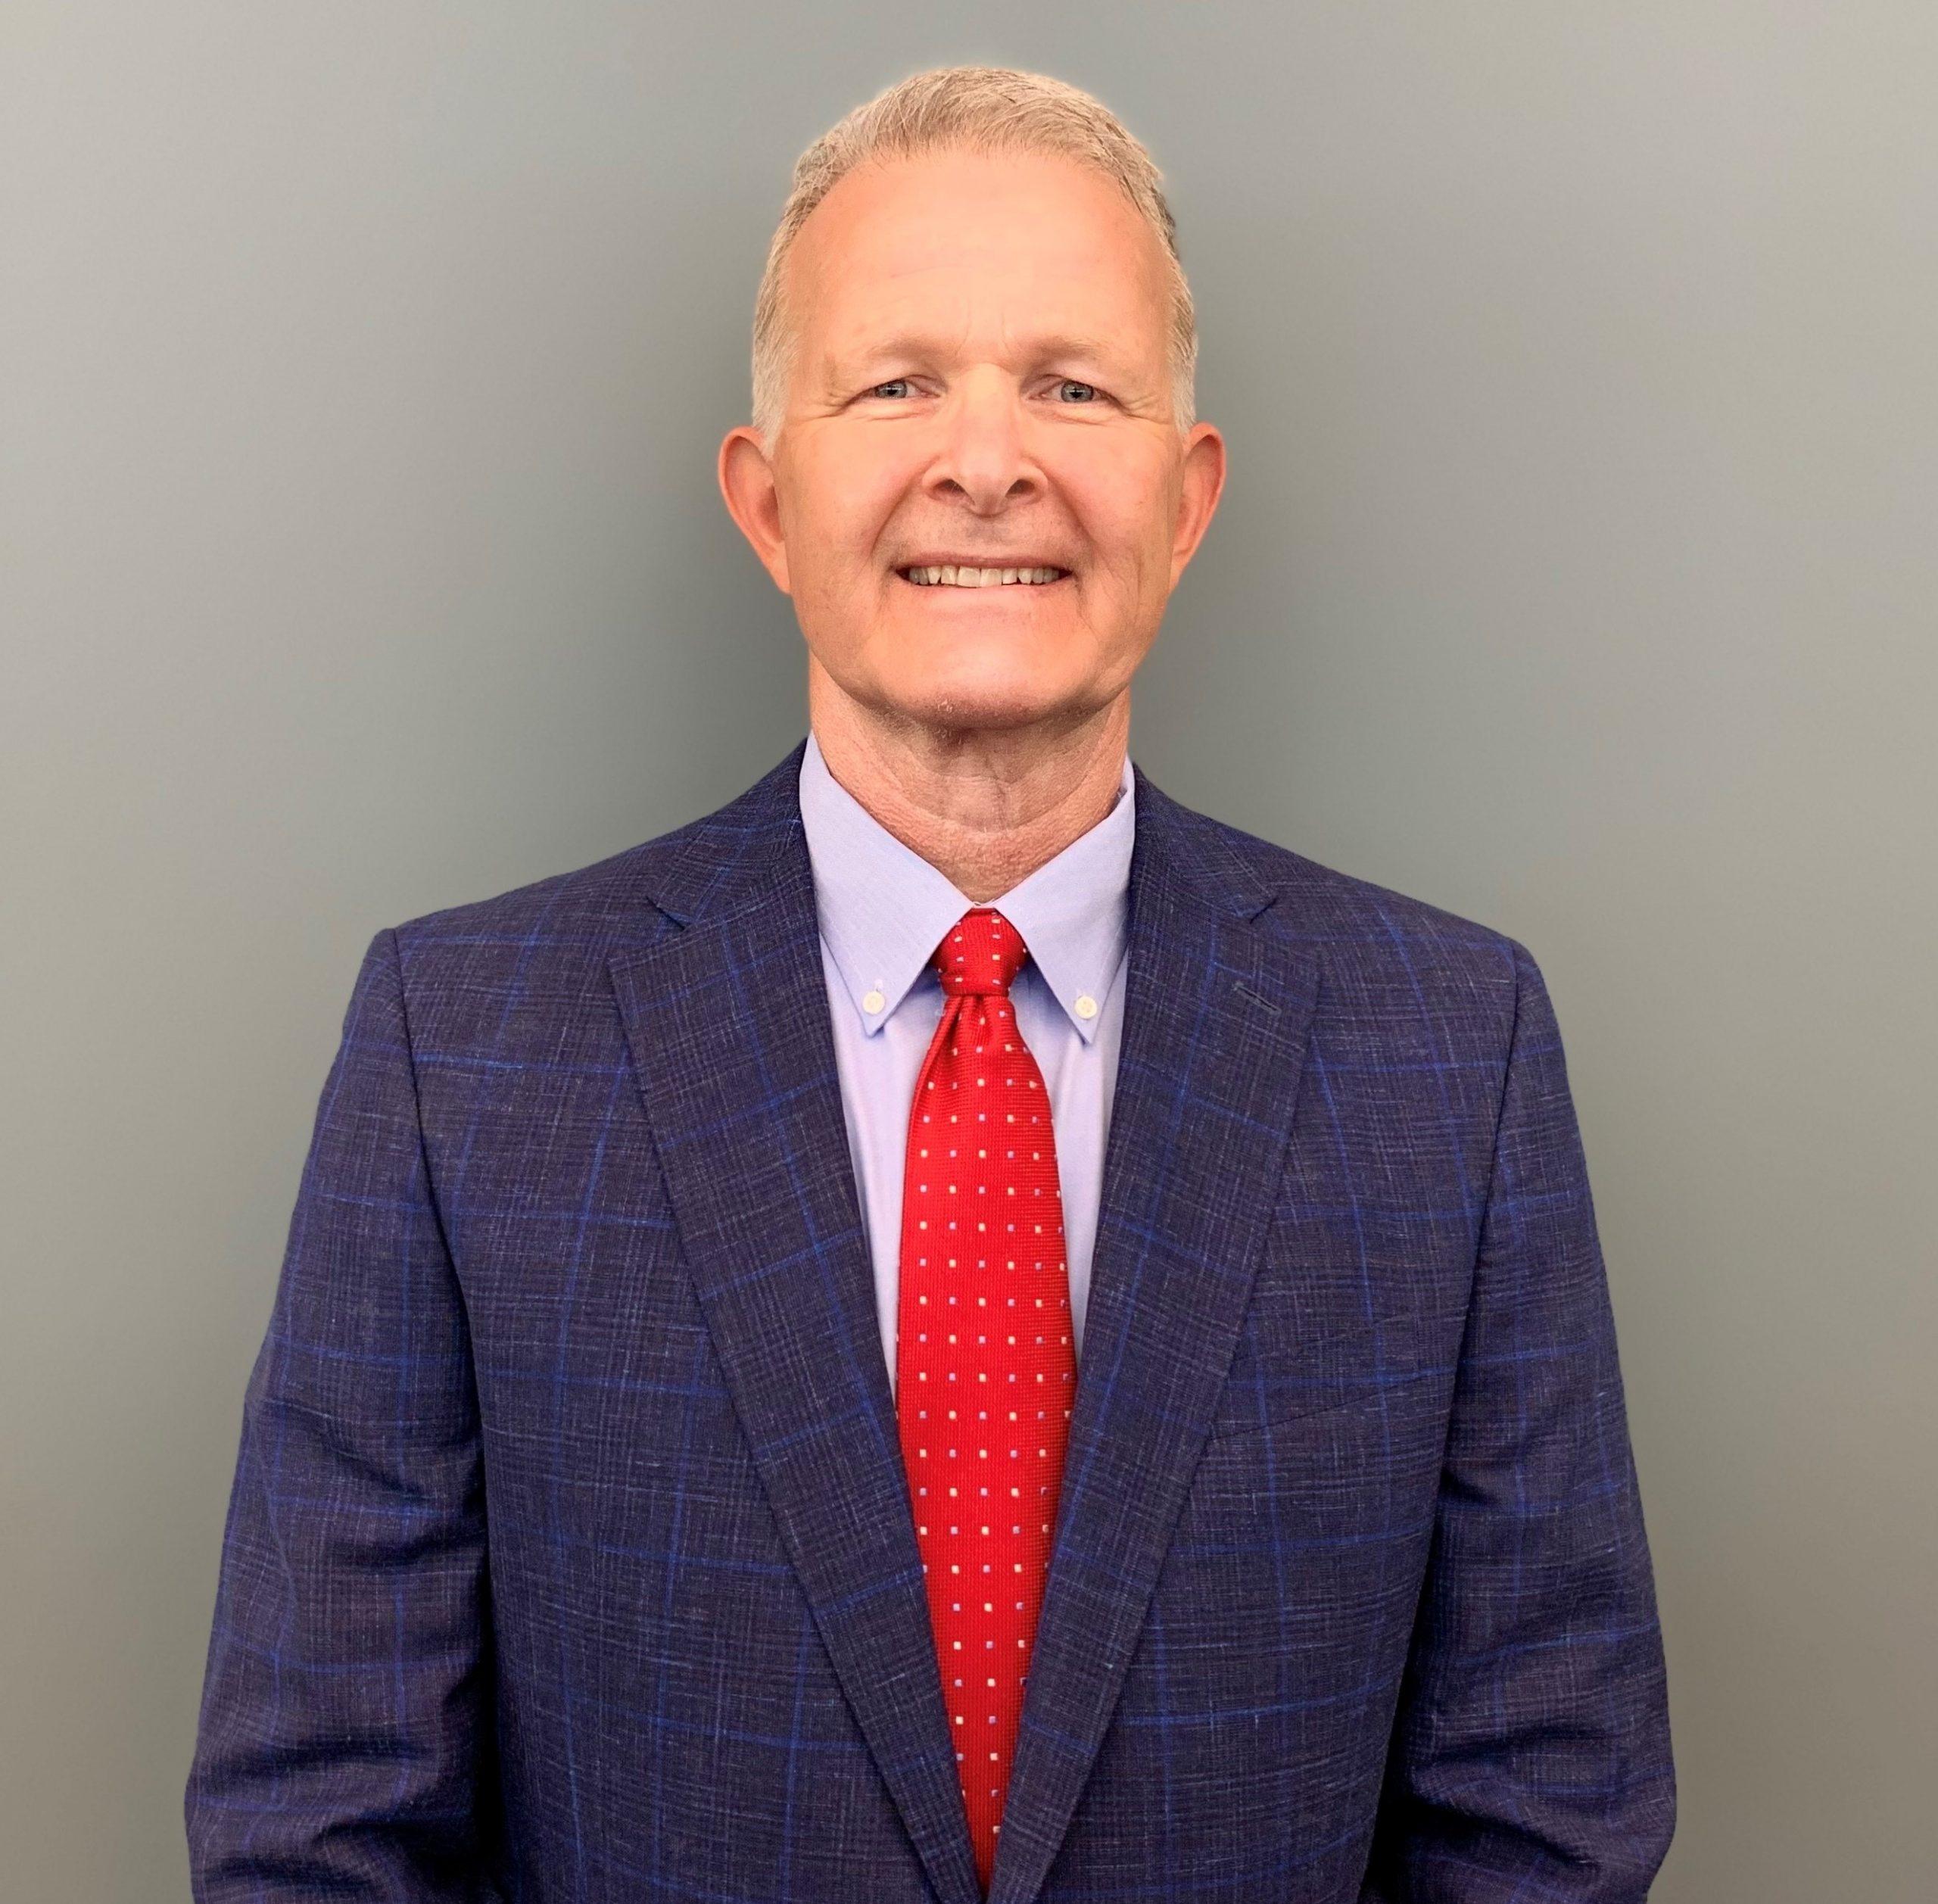 Gary Huttmann, AICP